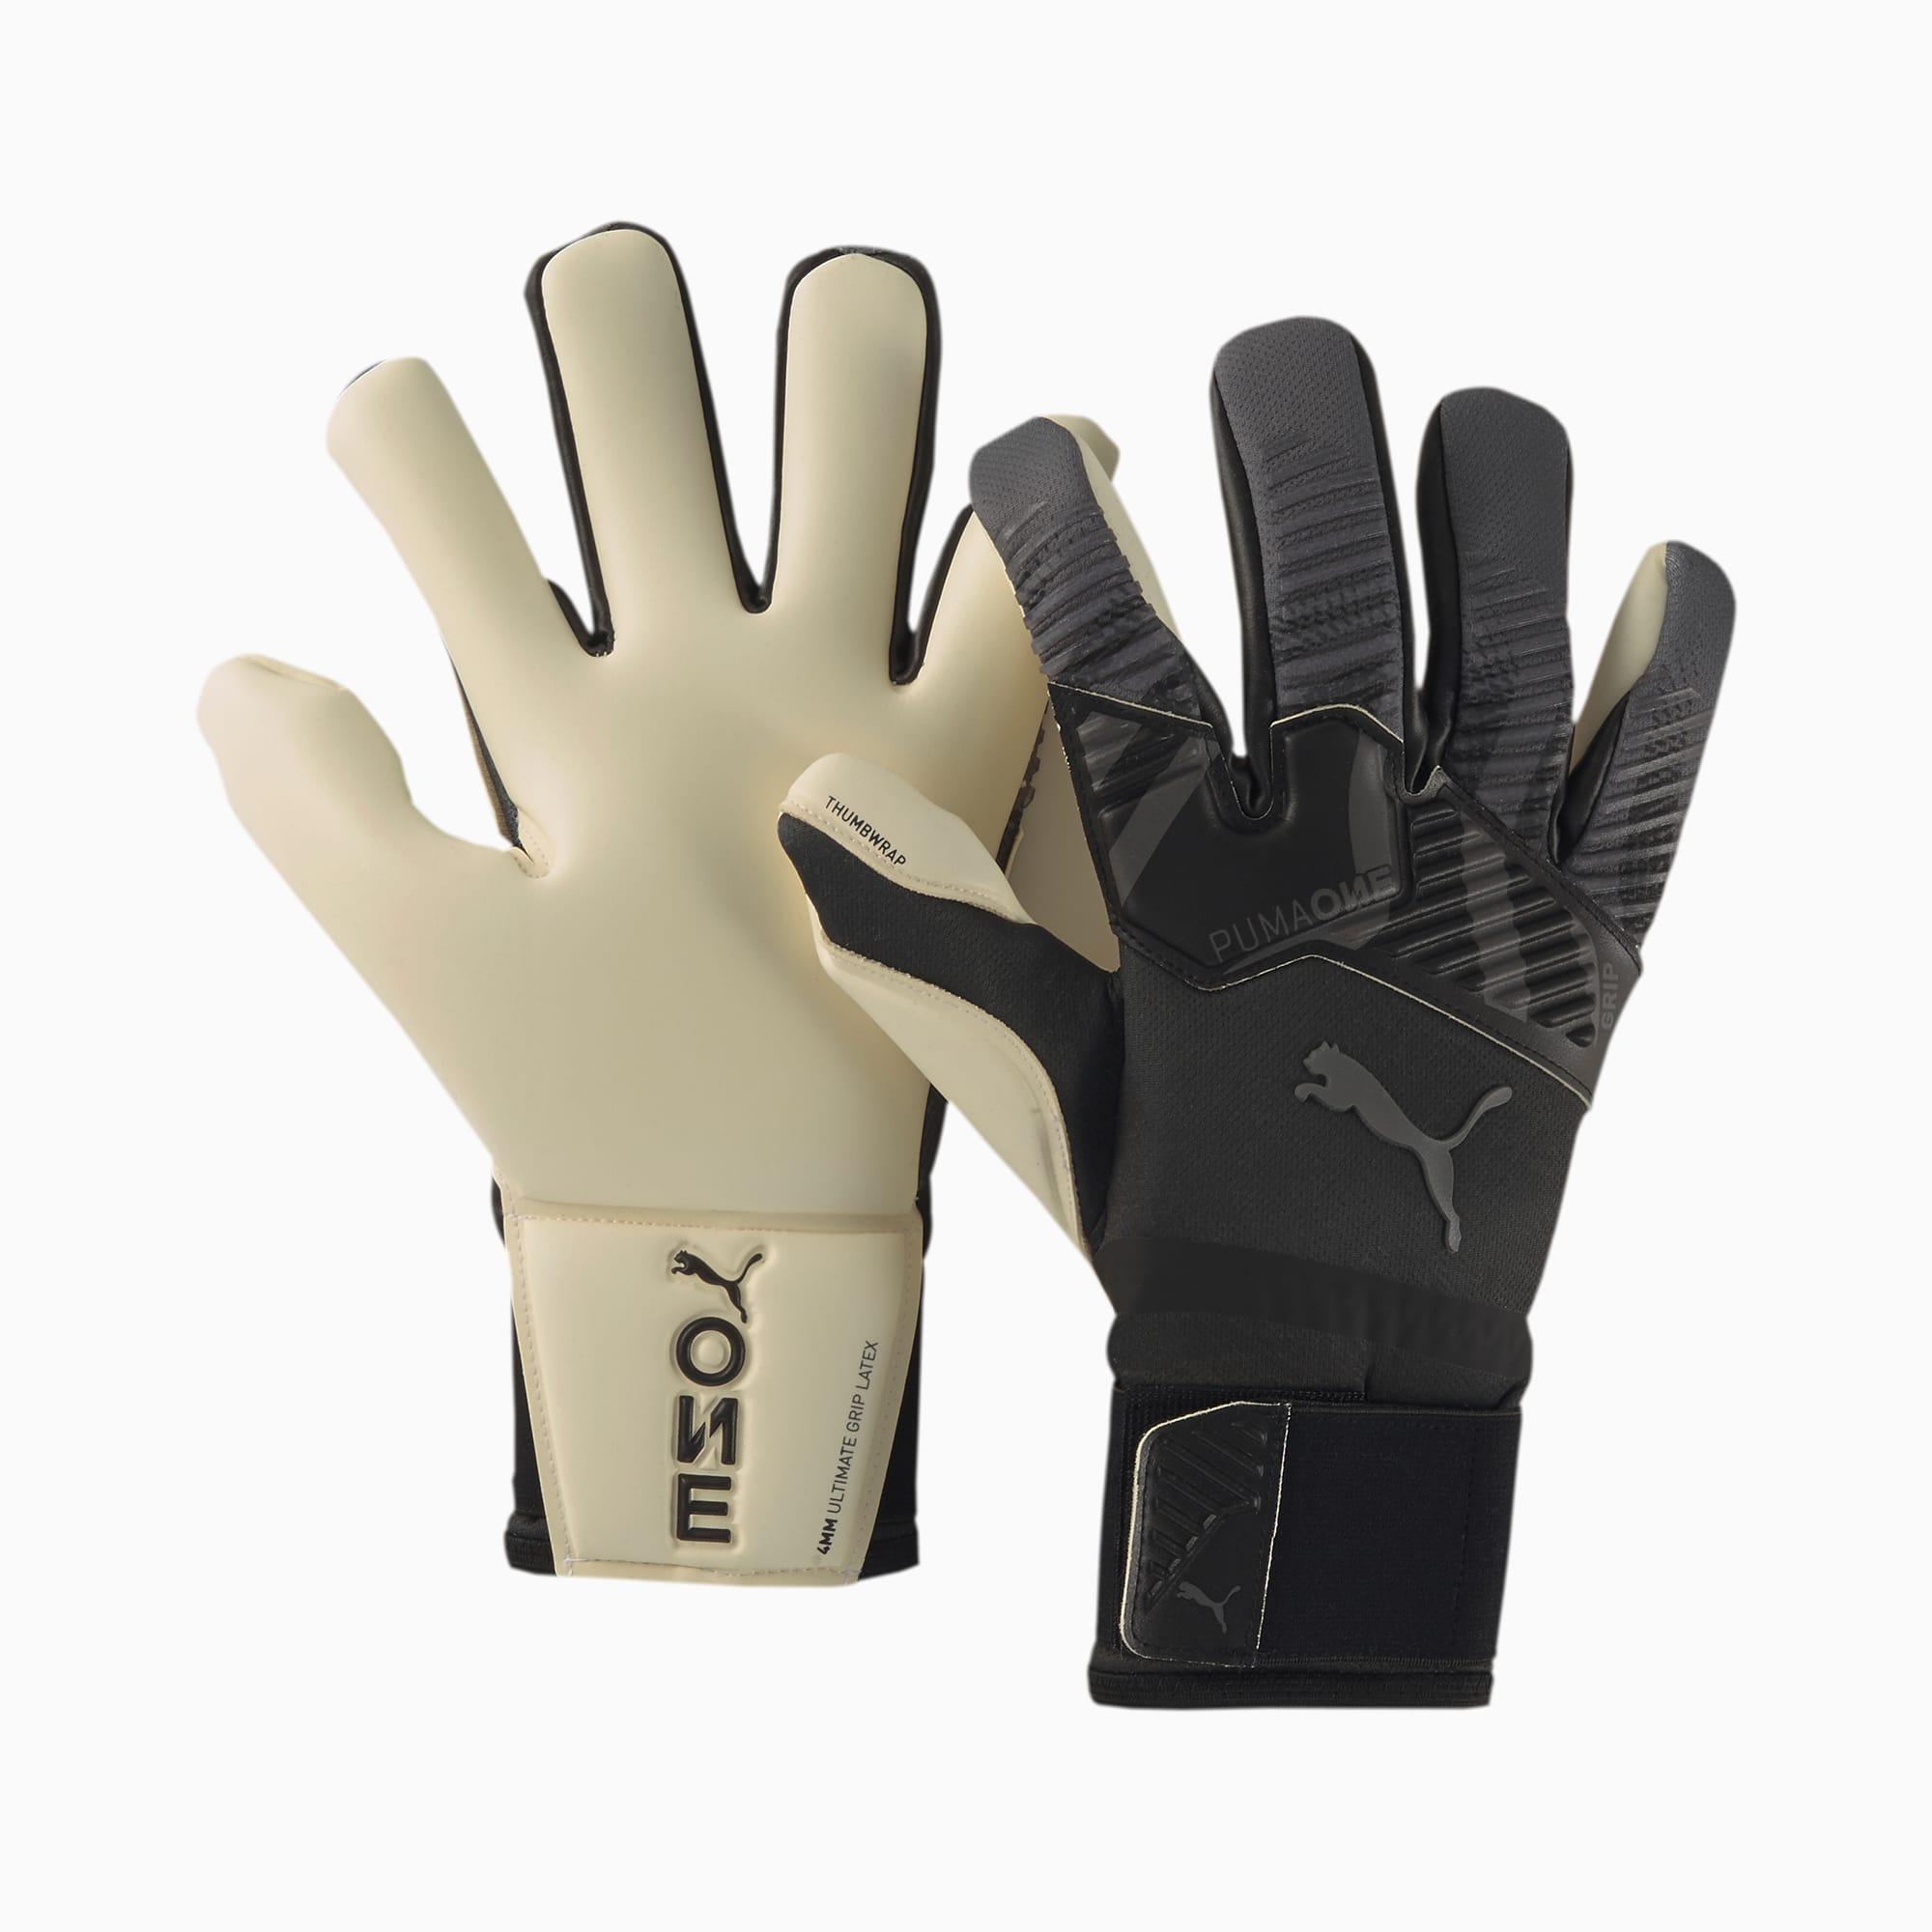 Gants de goal de foot PUMA ONE Grip 1 Hybrid Pro, Noir/Gris/Blanc, Taille 11, Accessoires